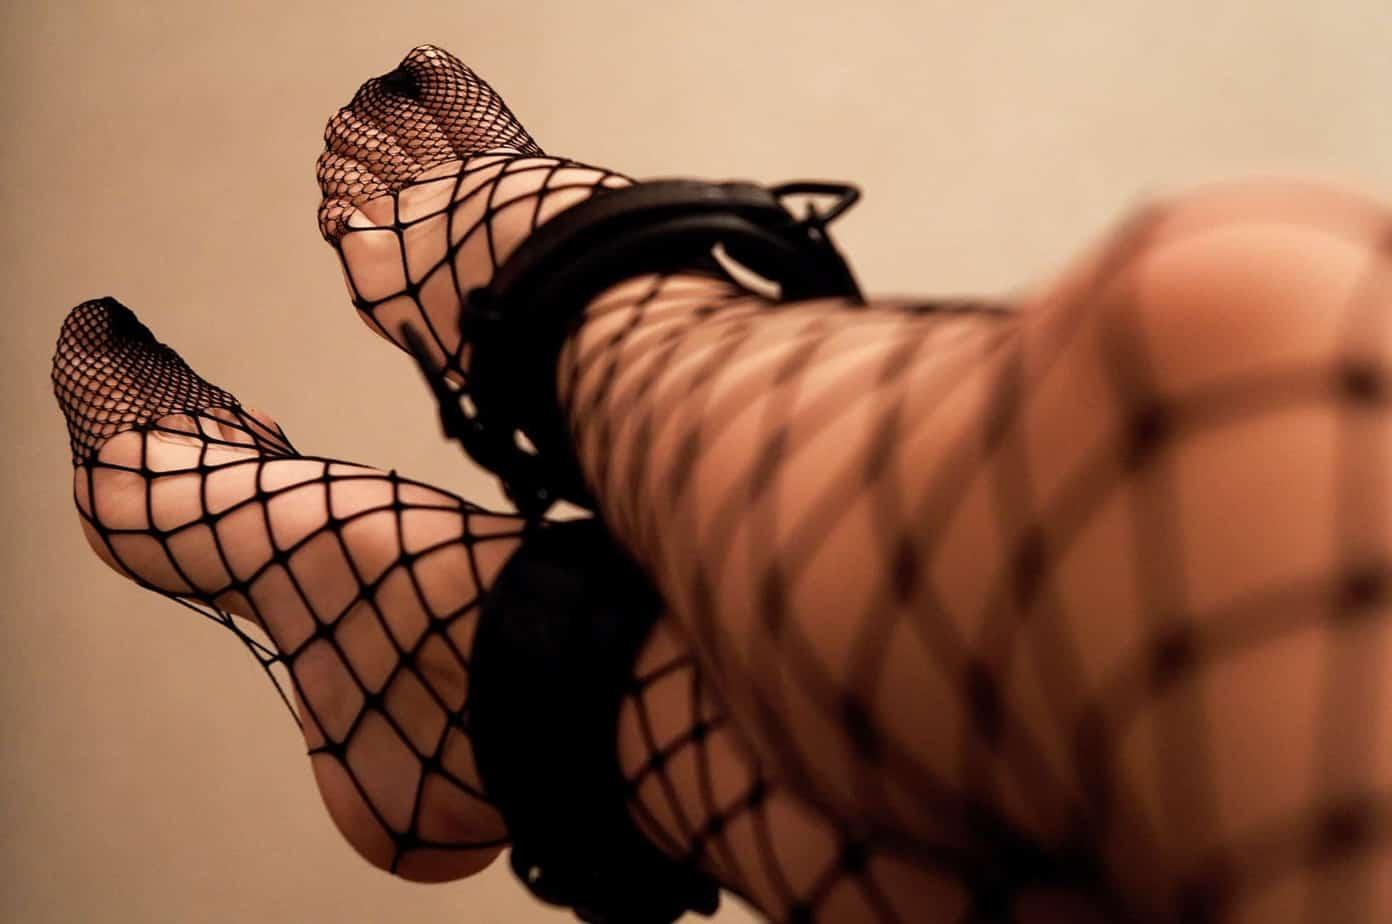 Fußfetisch oder Podophilie – Über die Anziehungskraft von sexy Füßen